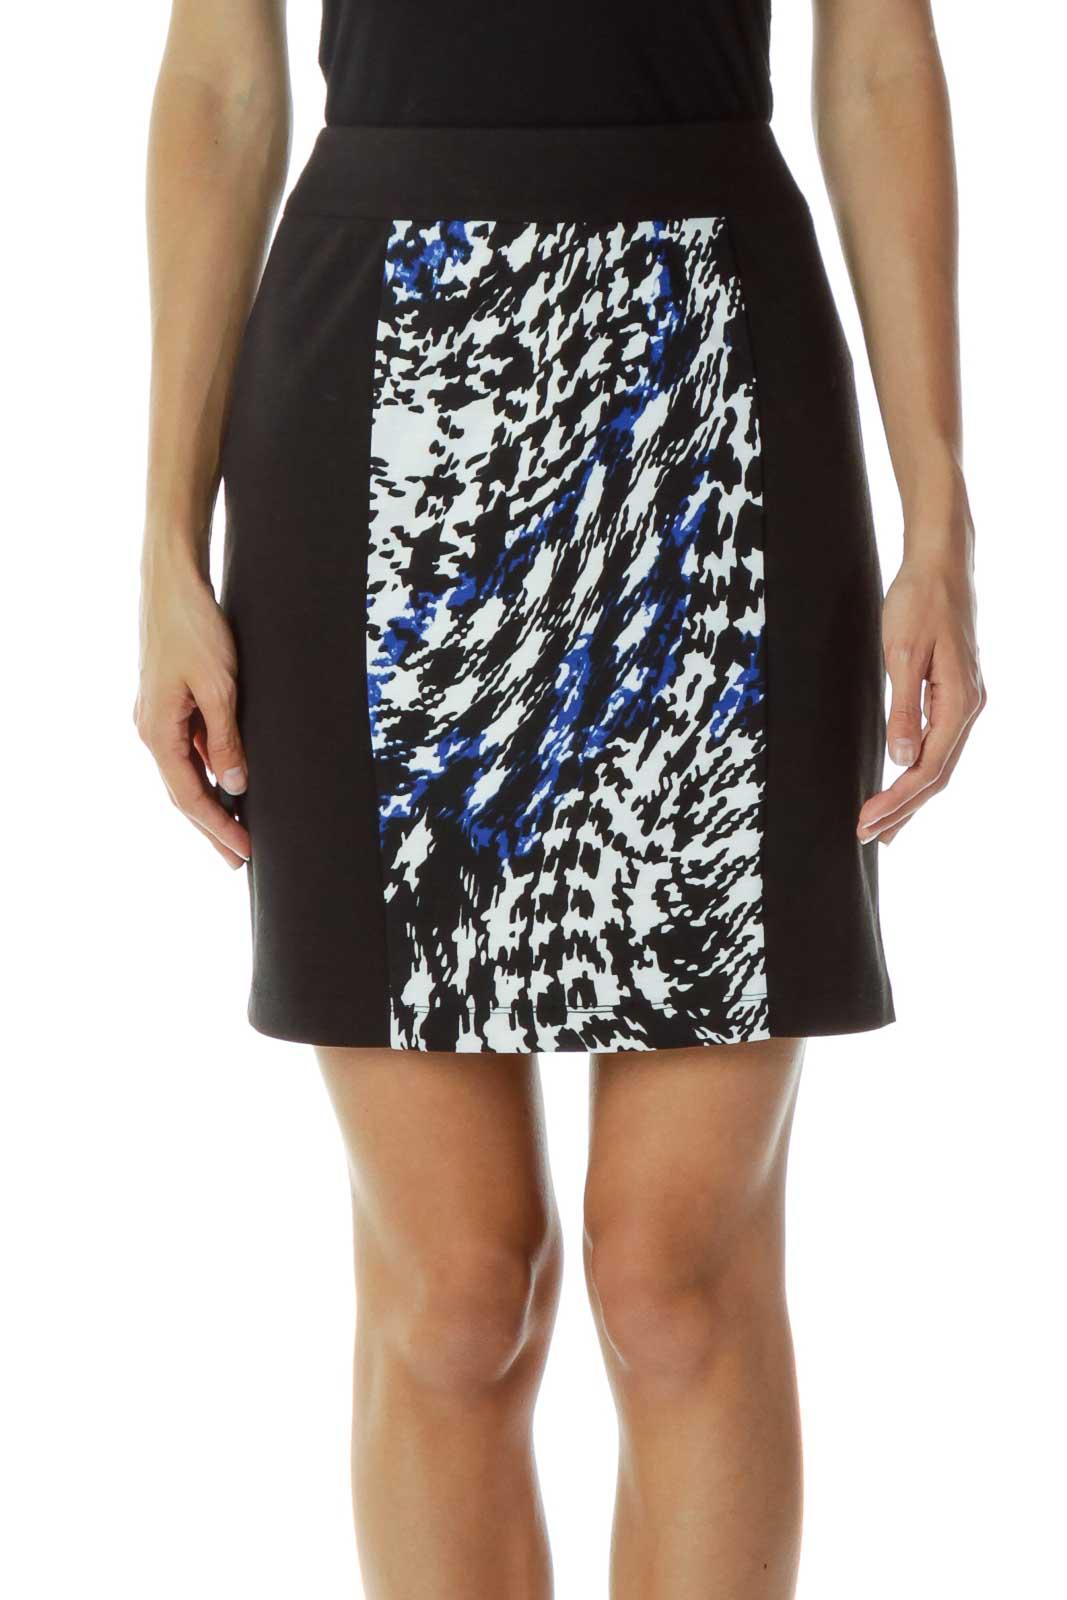 Black & White Pencil Skirt Front